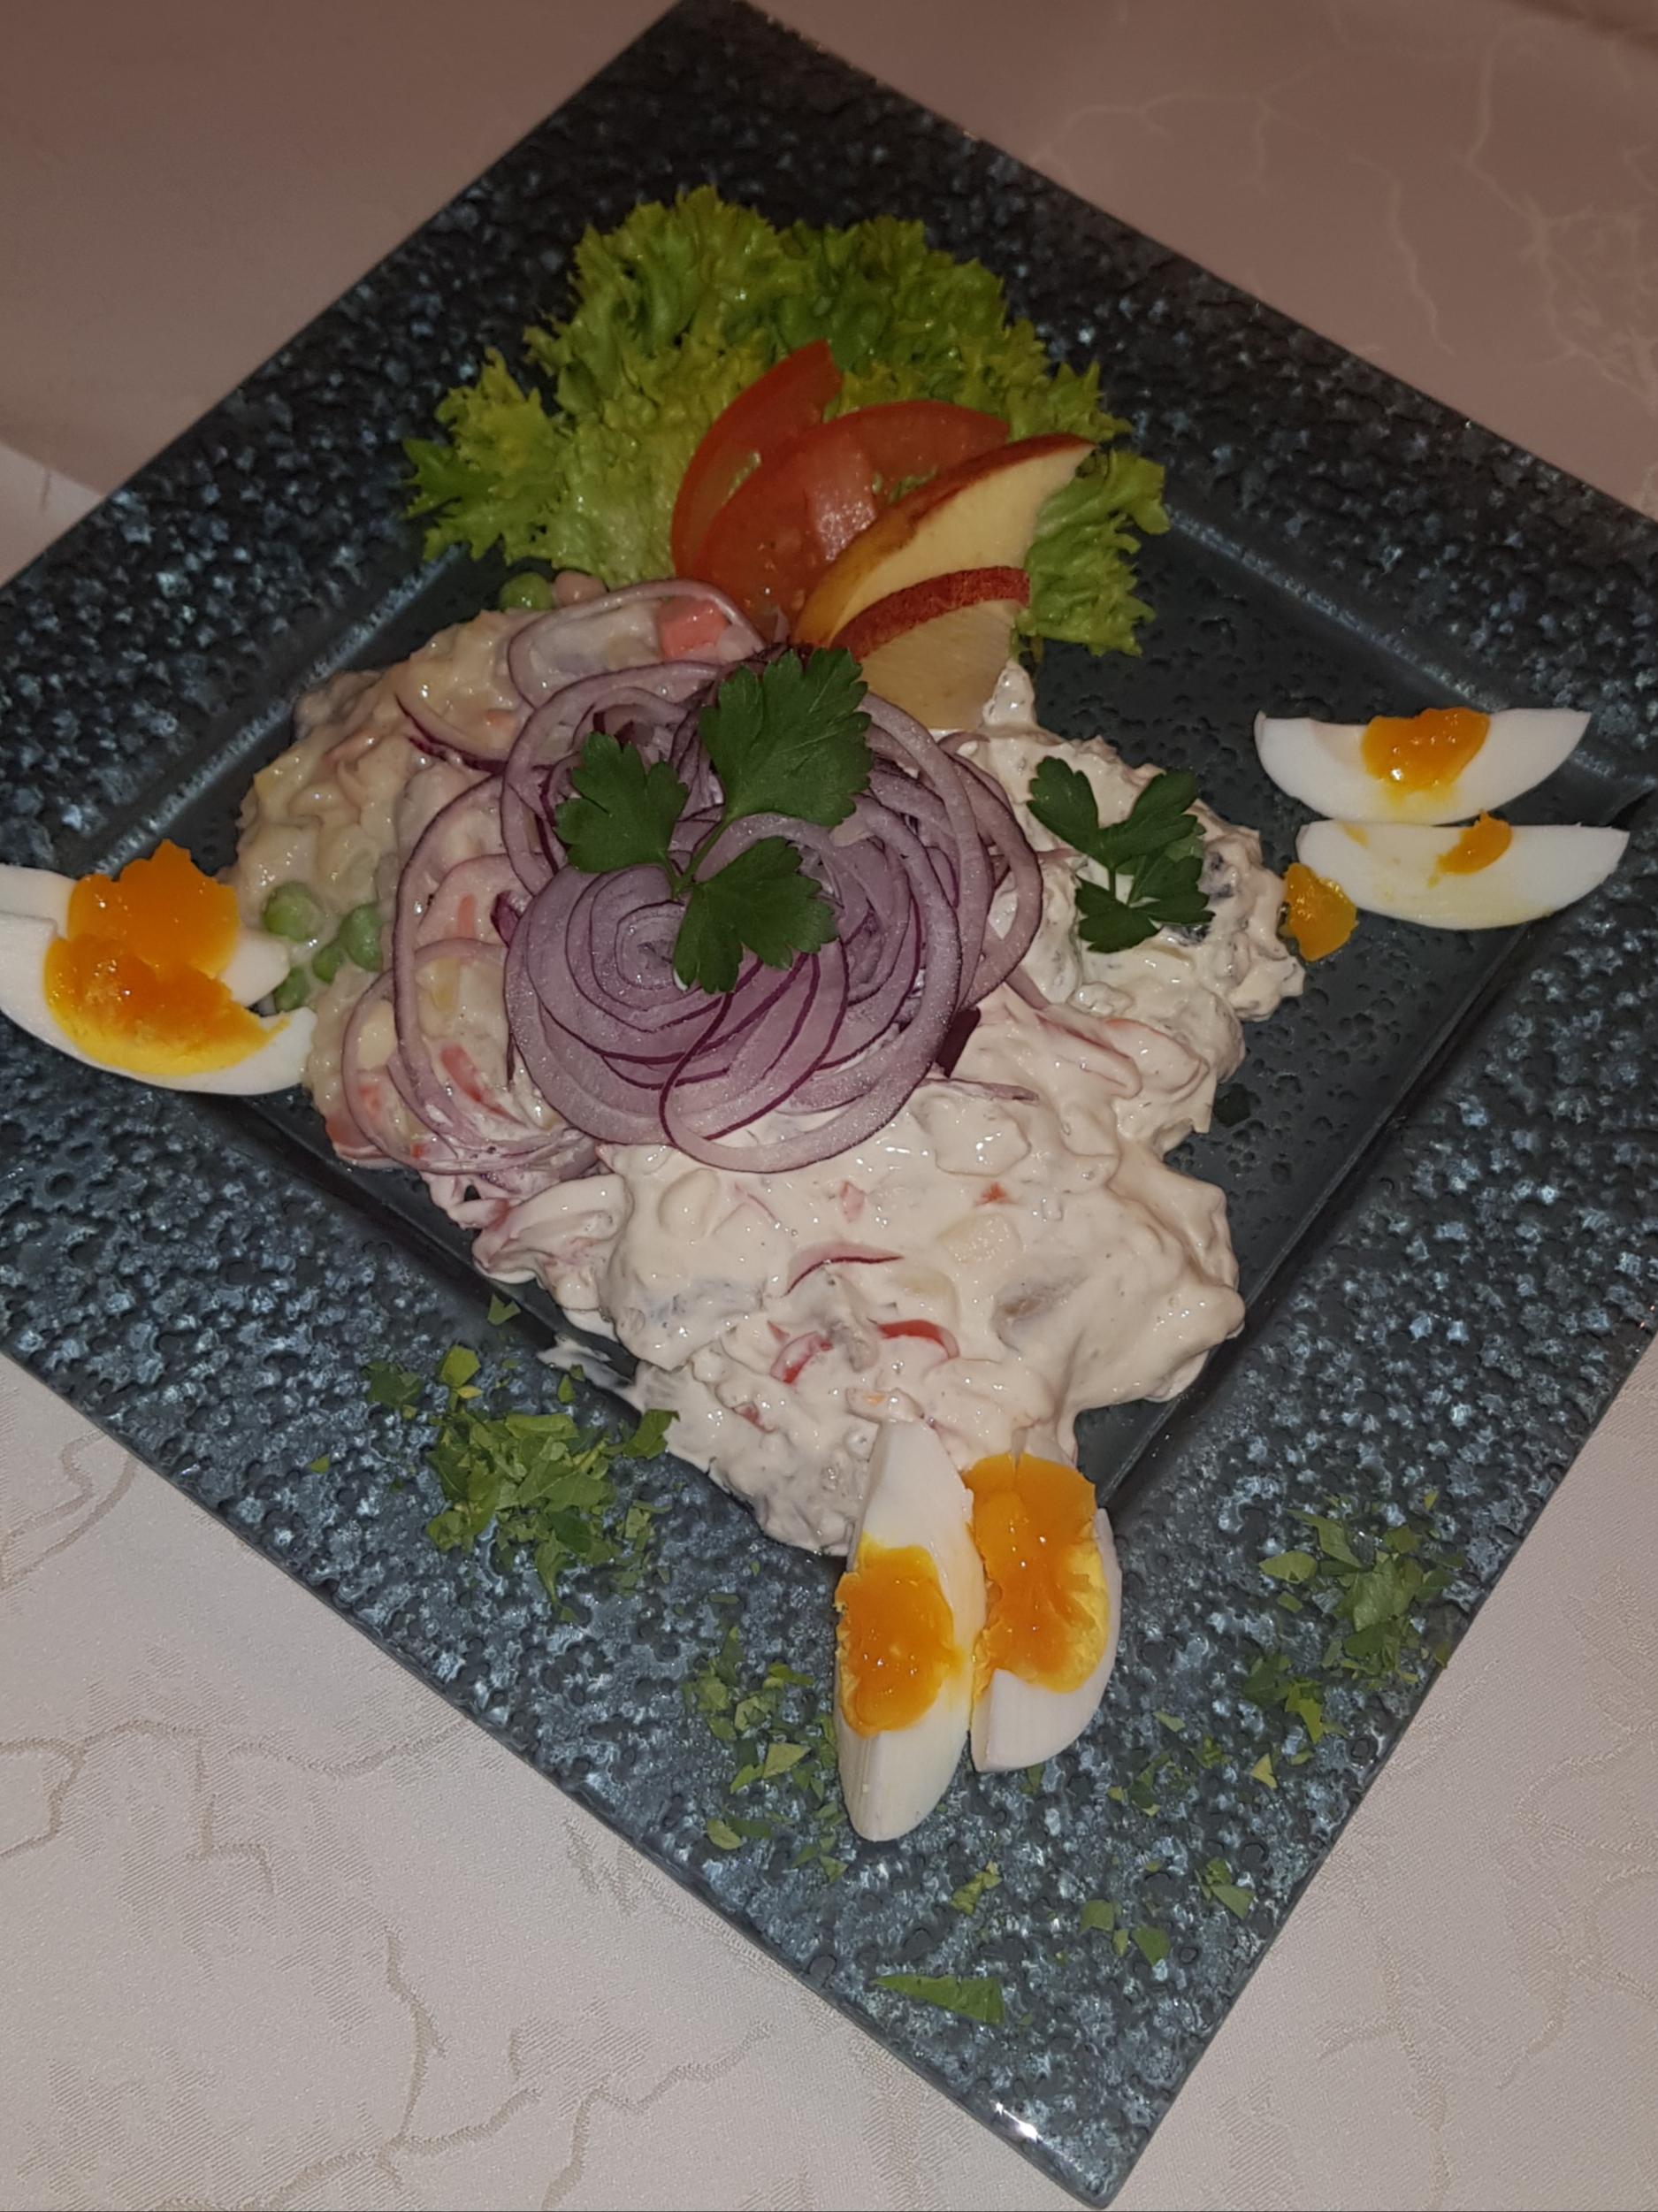 Heringstriologie, mit Zwiebeln, Ei und Dekor fein garniert, Nickis Restaurant, Gmünd